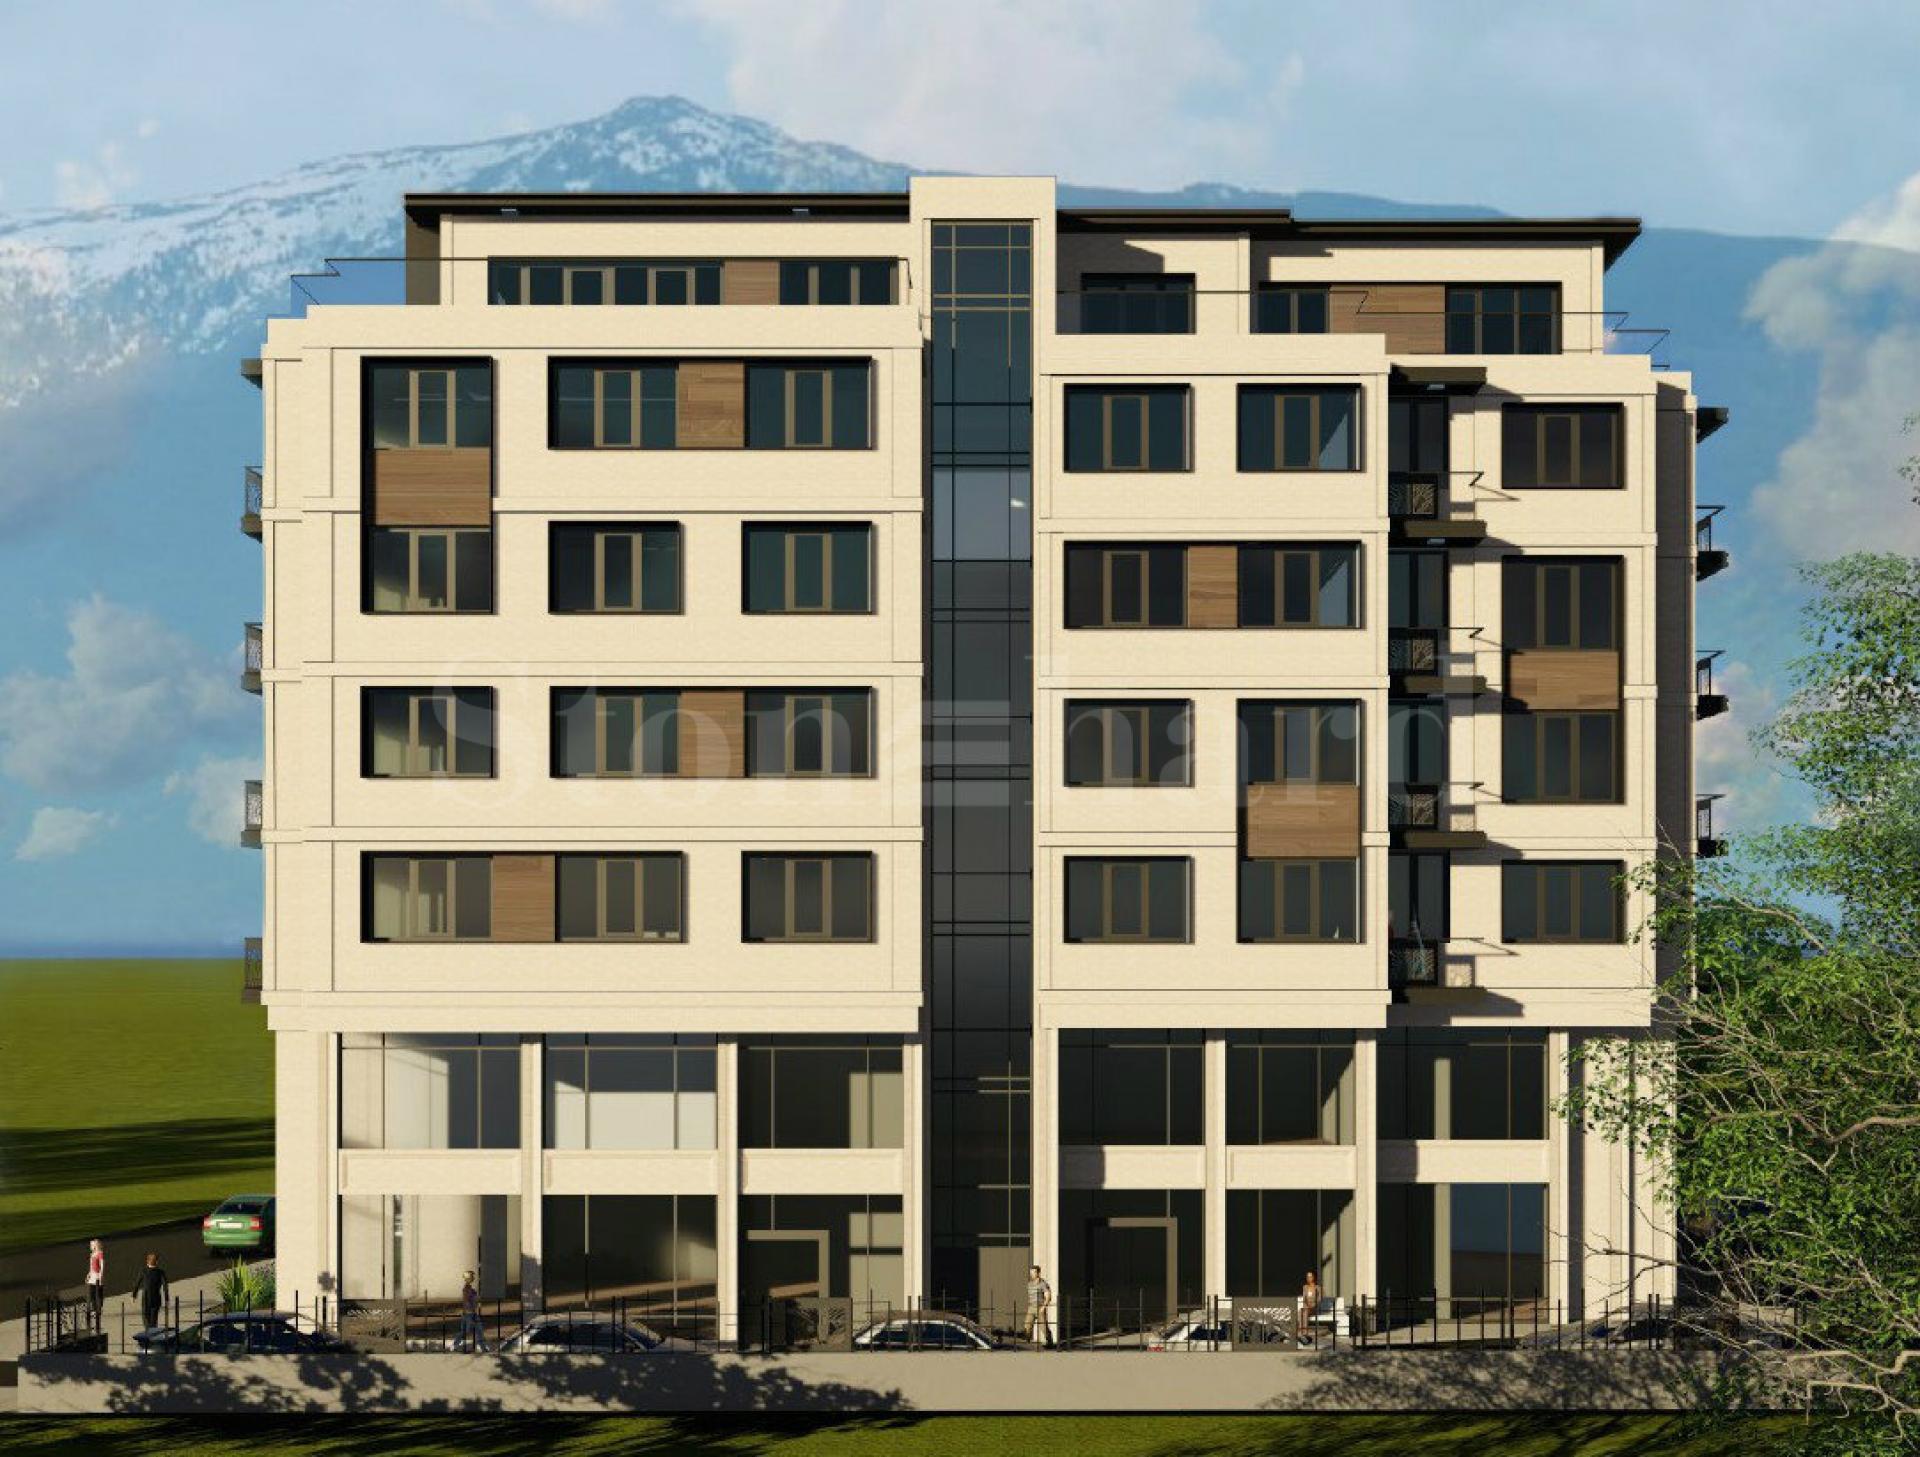 Апартаменти и търговски площи в предпочитан квартал1 - Stonehard